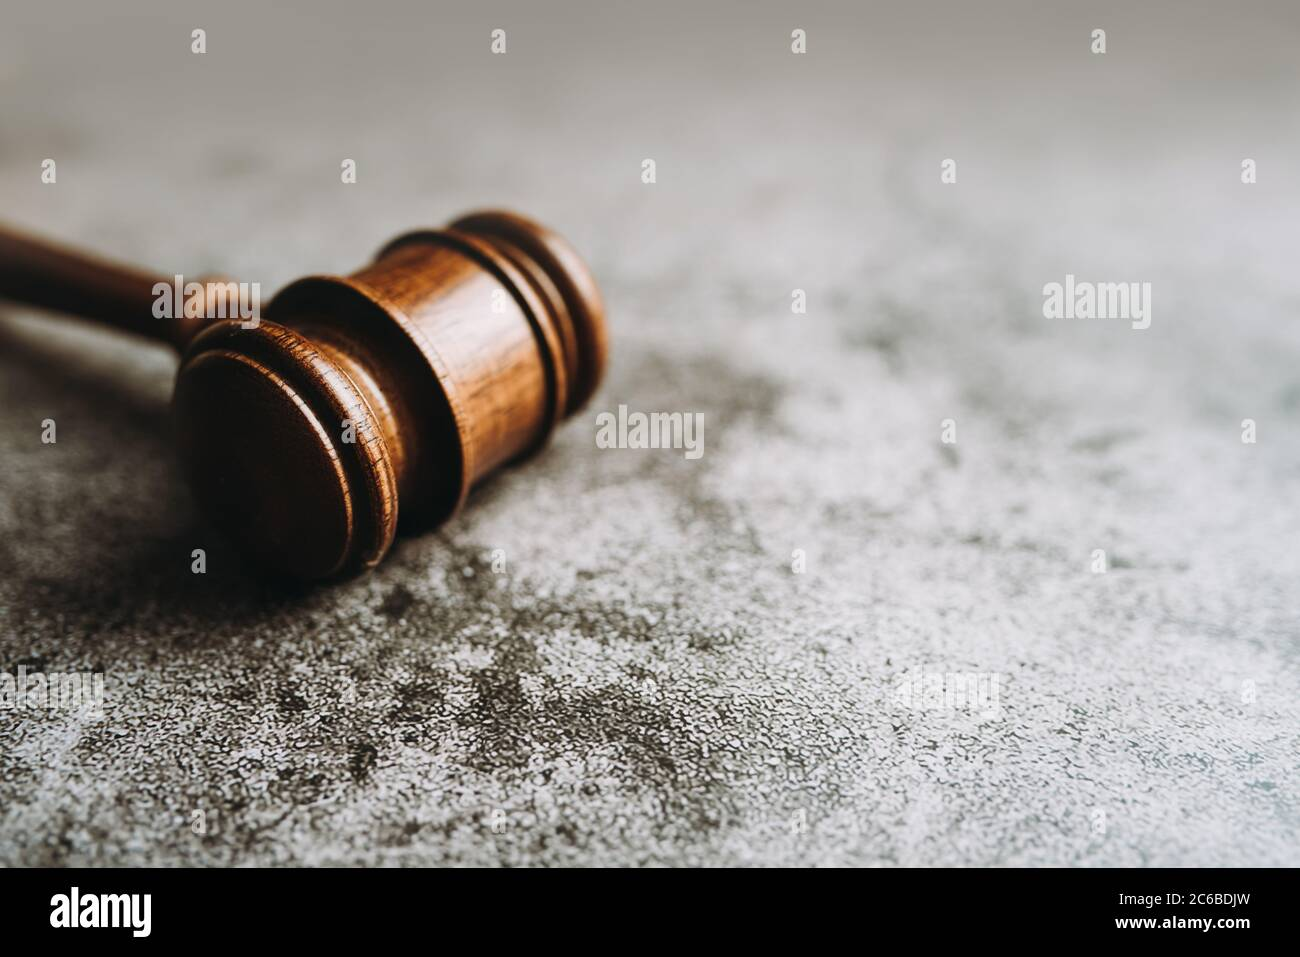 Gavel giudice di legno su sfondo grigio pietra, banner legge concetto Foto Stock